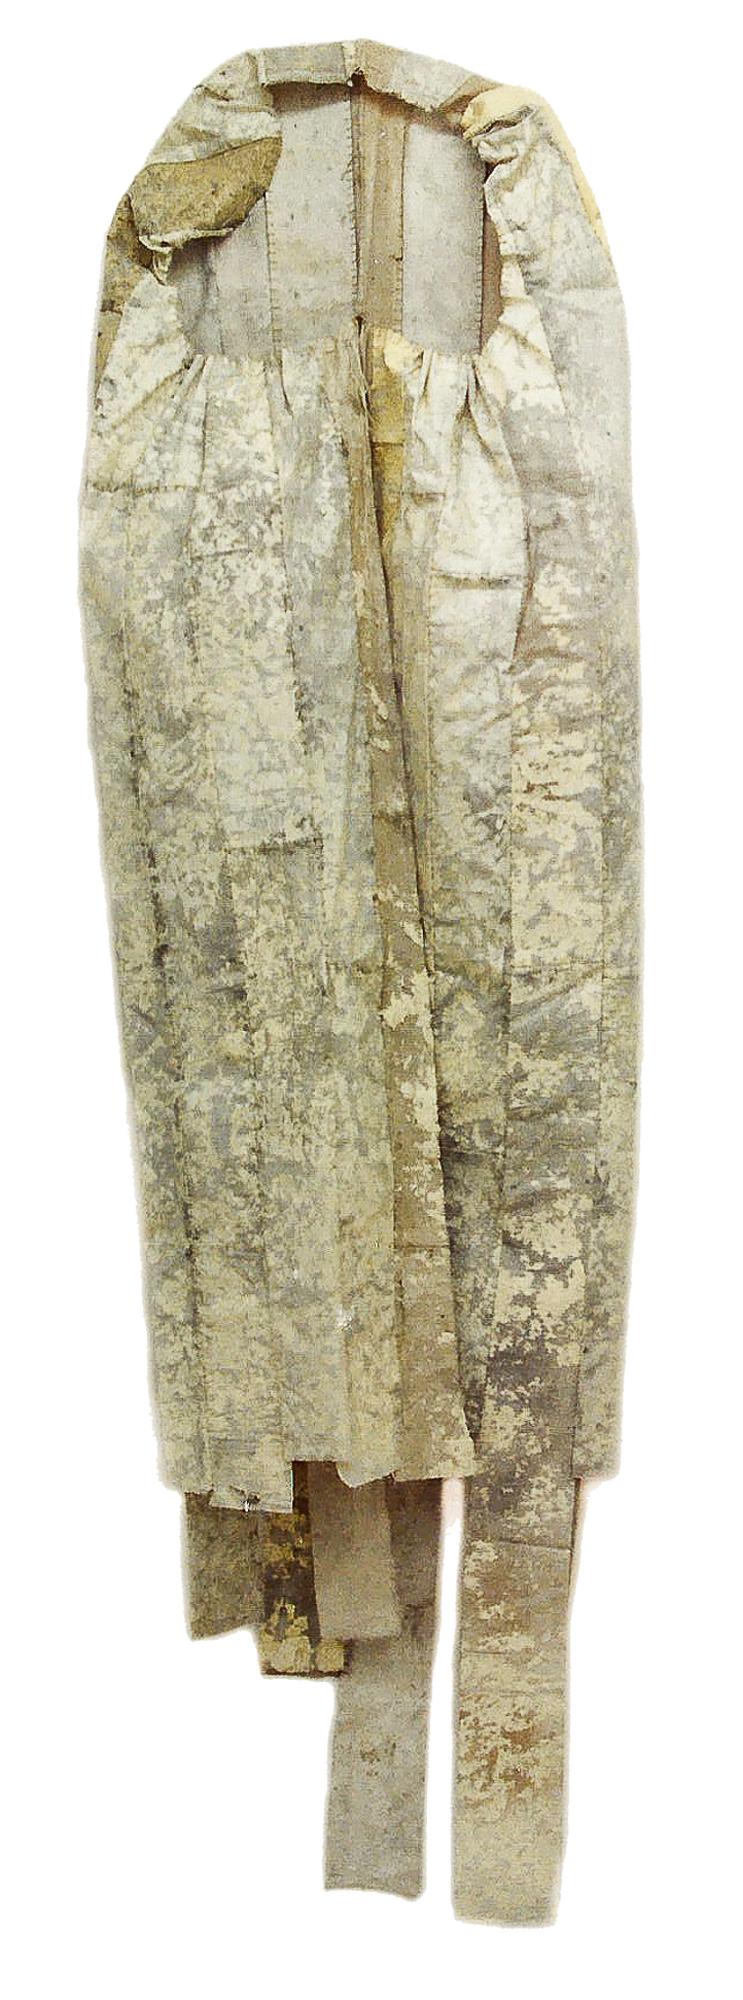 Magnolia Soto. Saco de dormir. 1997. Técnica mixta. 260 x 98 cm.